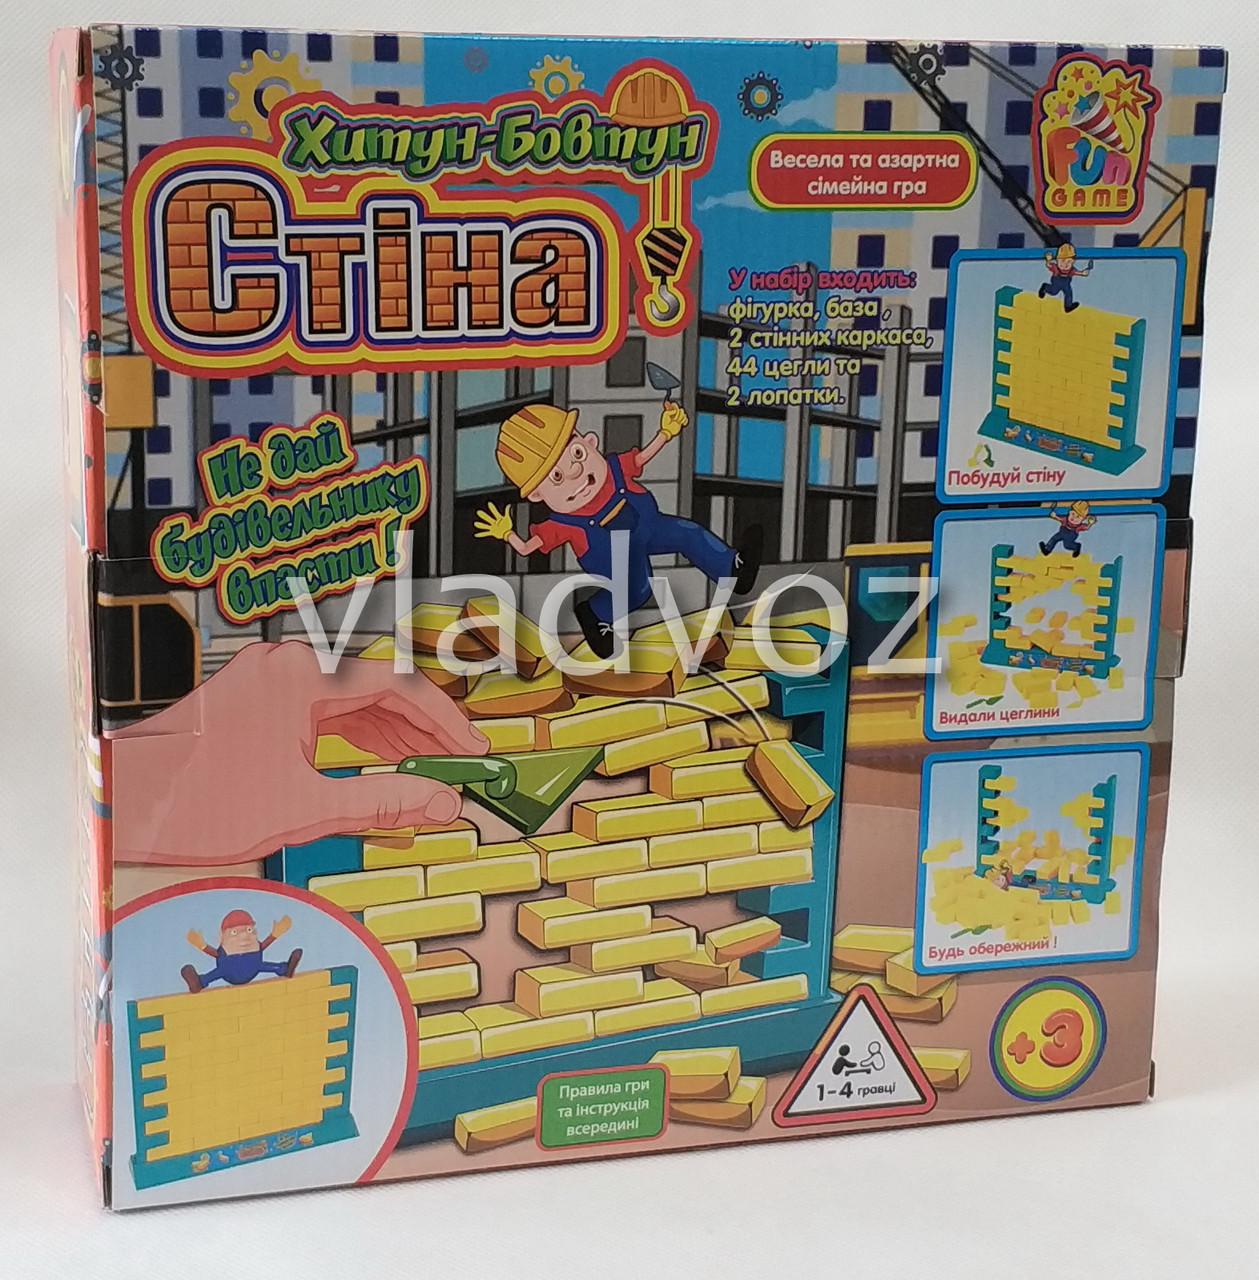 фото упаковки Развлекательная настольная игра стена шатун - балтун